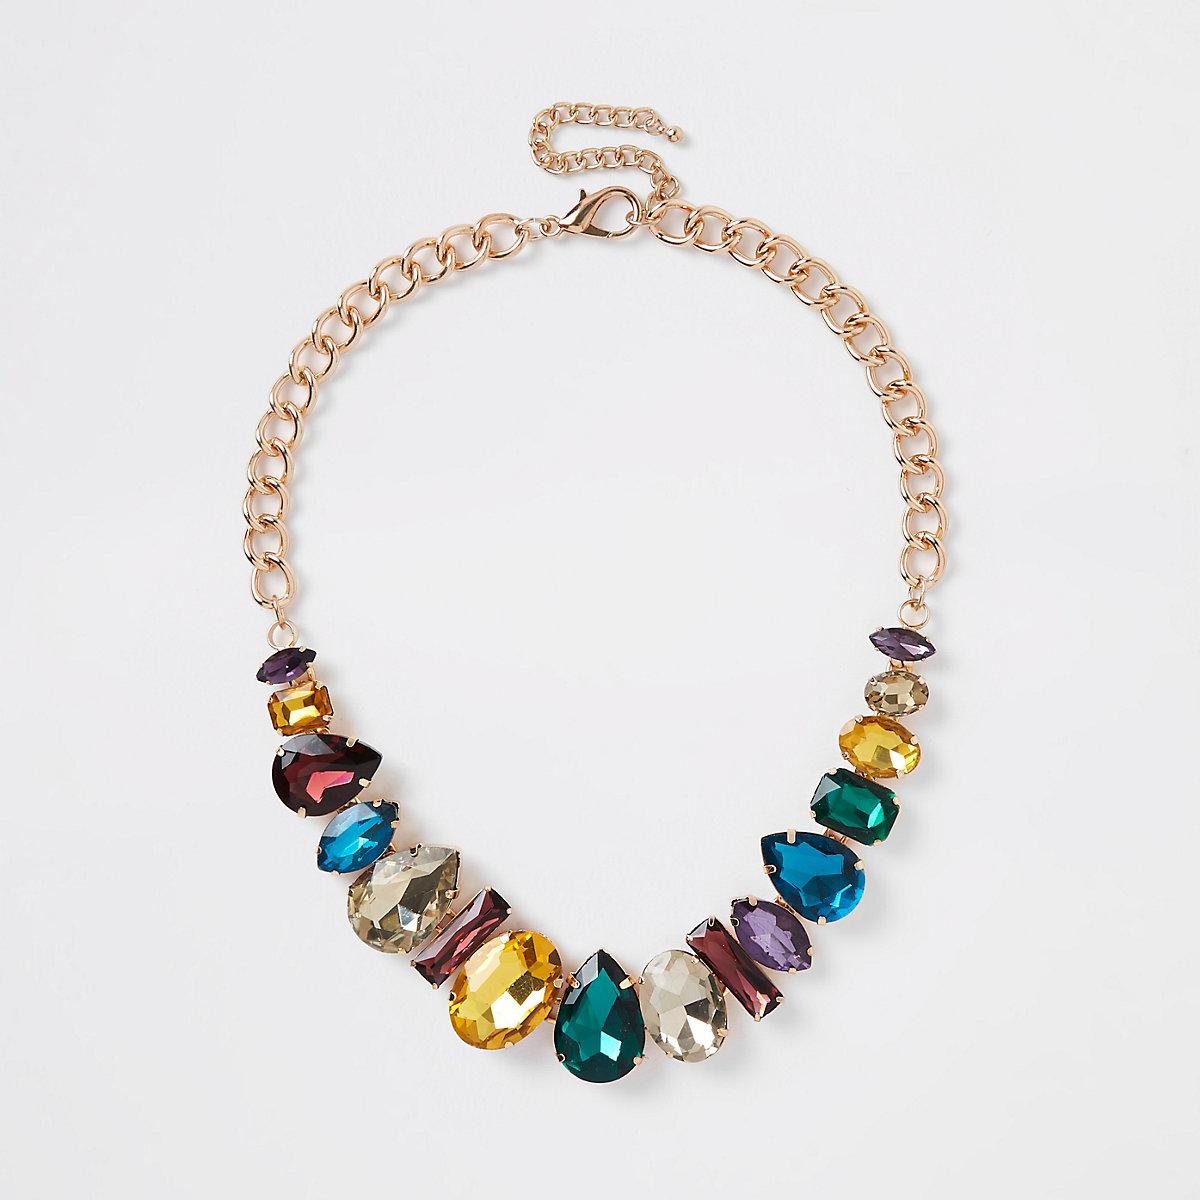 Gold tone multi jewel necklace